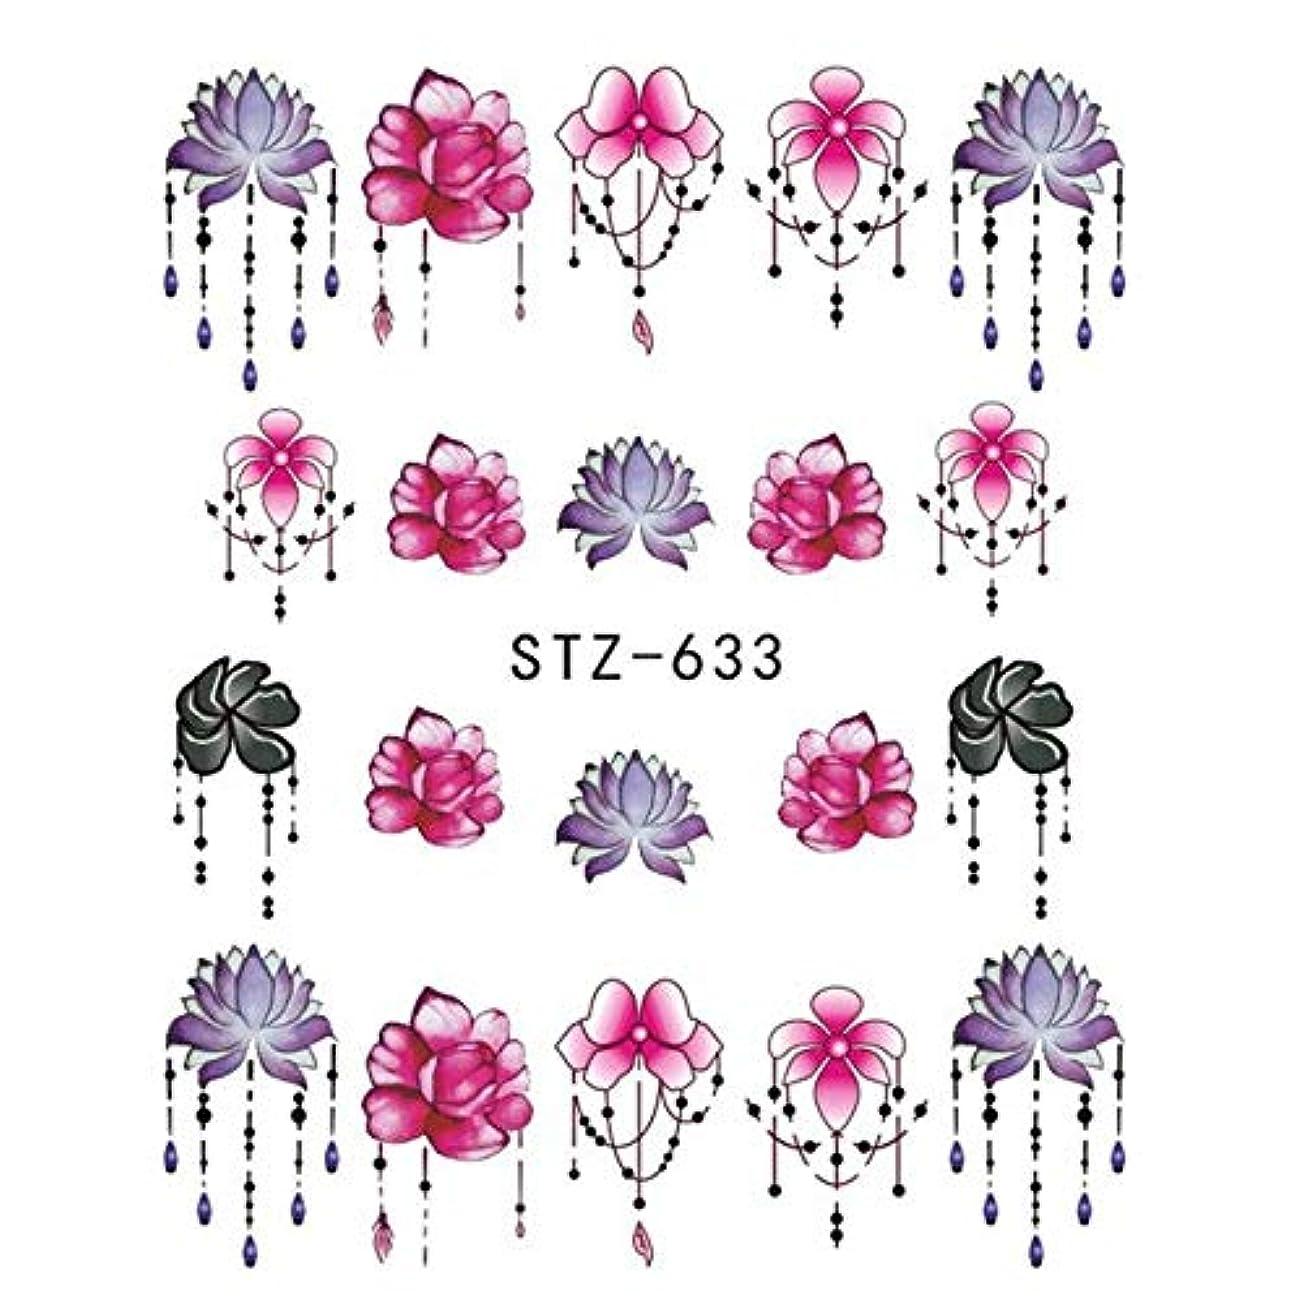 吹きさらし無効悪意のあるSUKTI&XIAO ネイルステッカー 1ピースネイルアートステッカー美容女性花水転写ステッカーラベルスライダー透かし装飾ツール